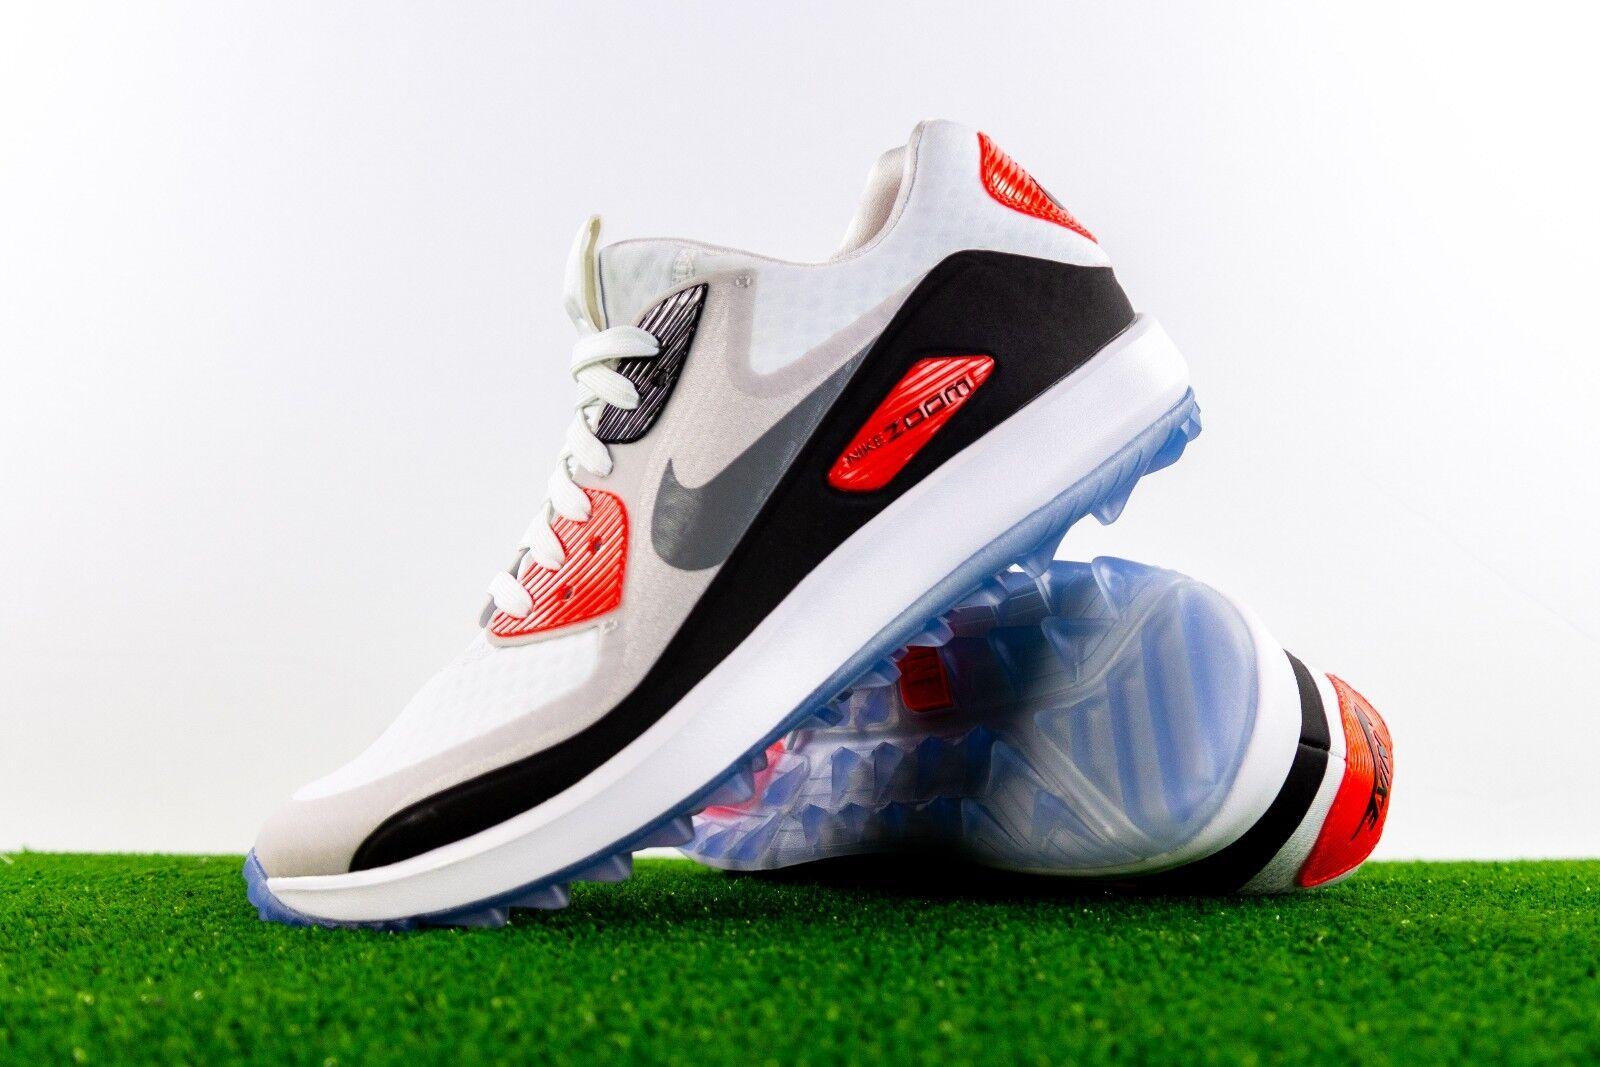 Nike air zoom 90 es golf schuh schuh schuh schuh 844648 100 größe 8,5 wmns oder 7 männer stollen b34774